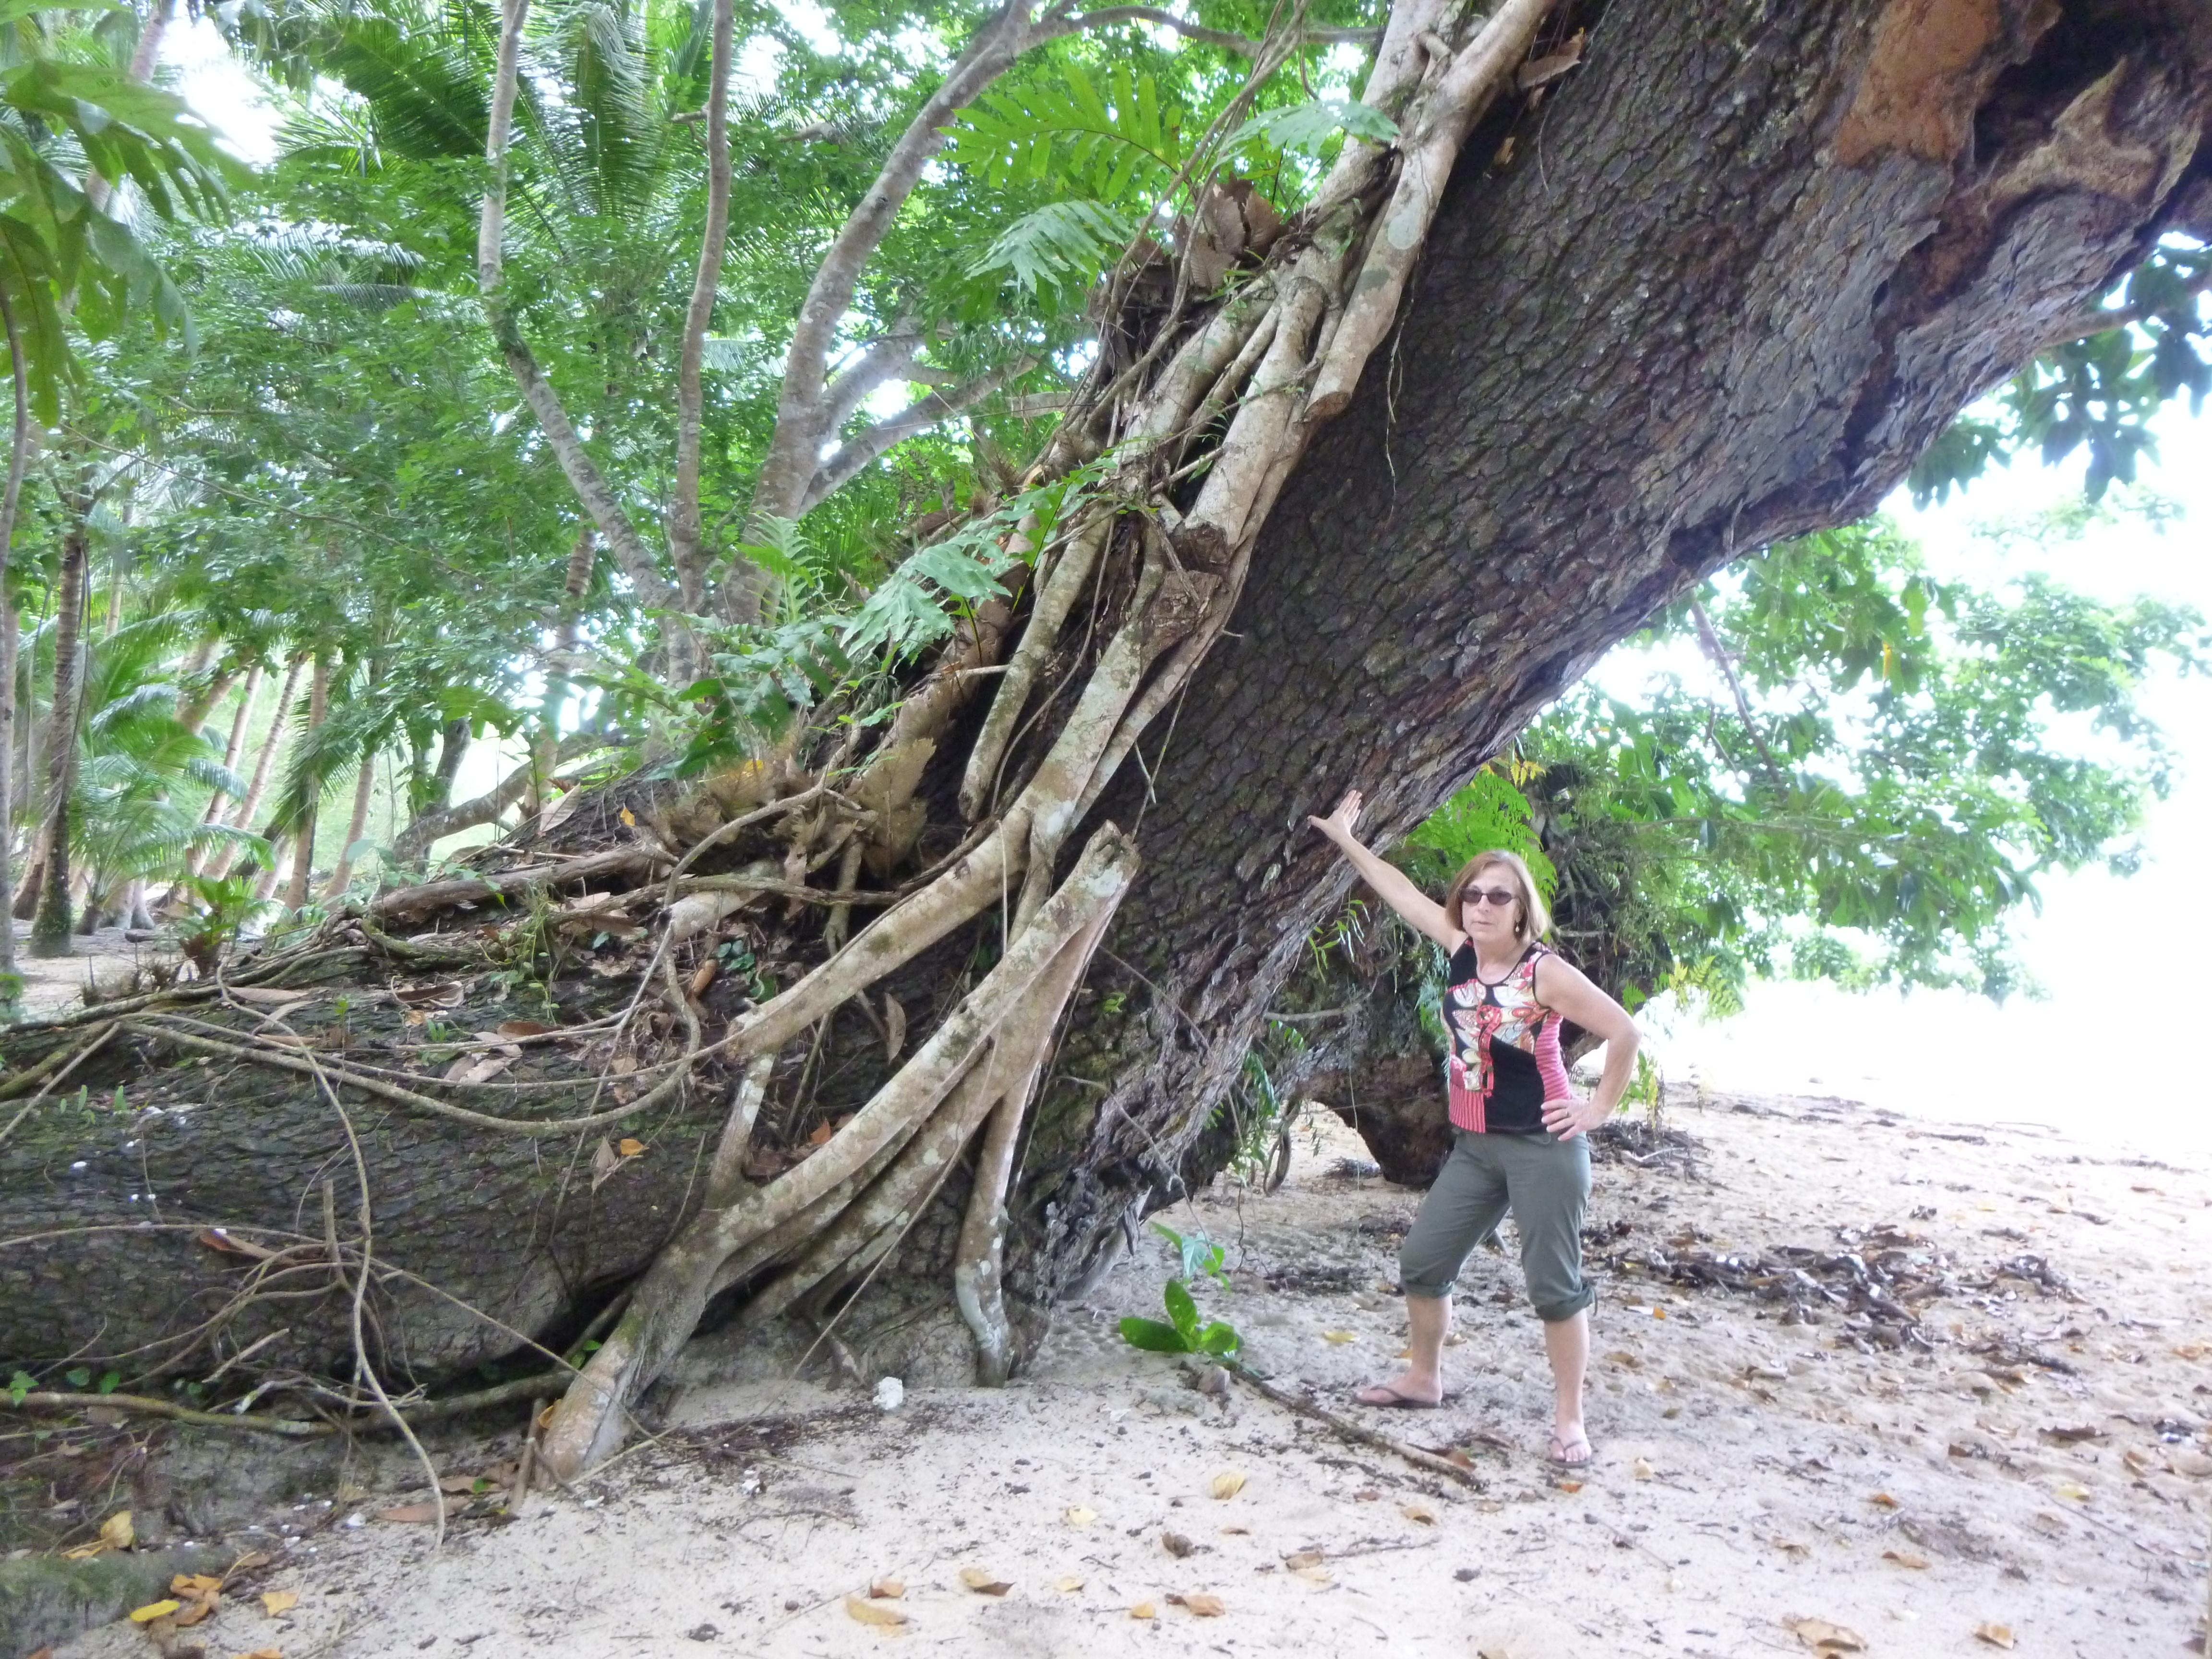 rencontre avec un arbre vénérable au cours d'une sortie